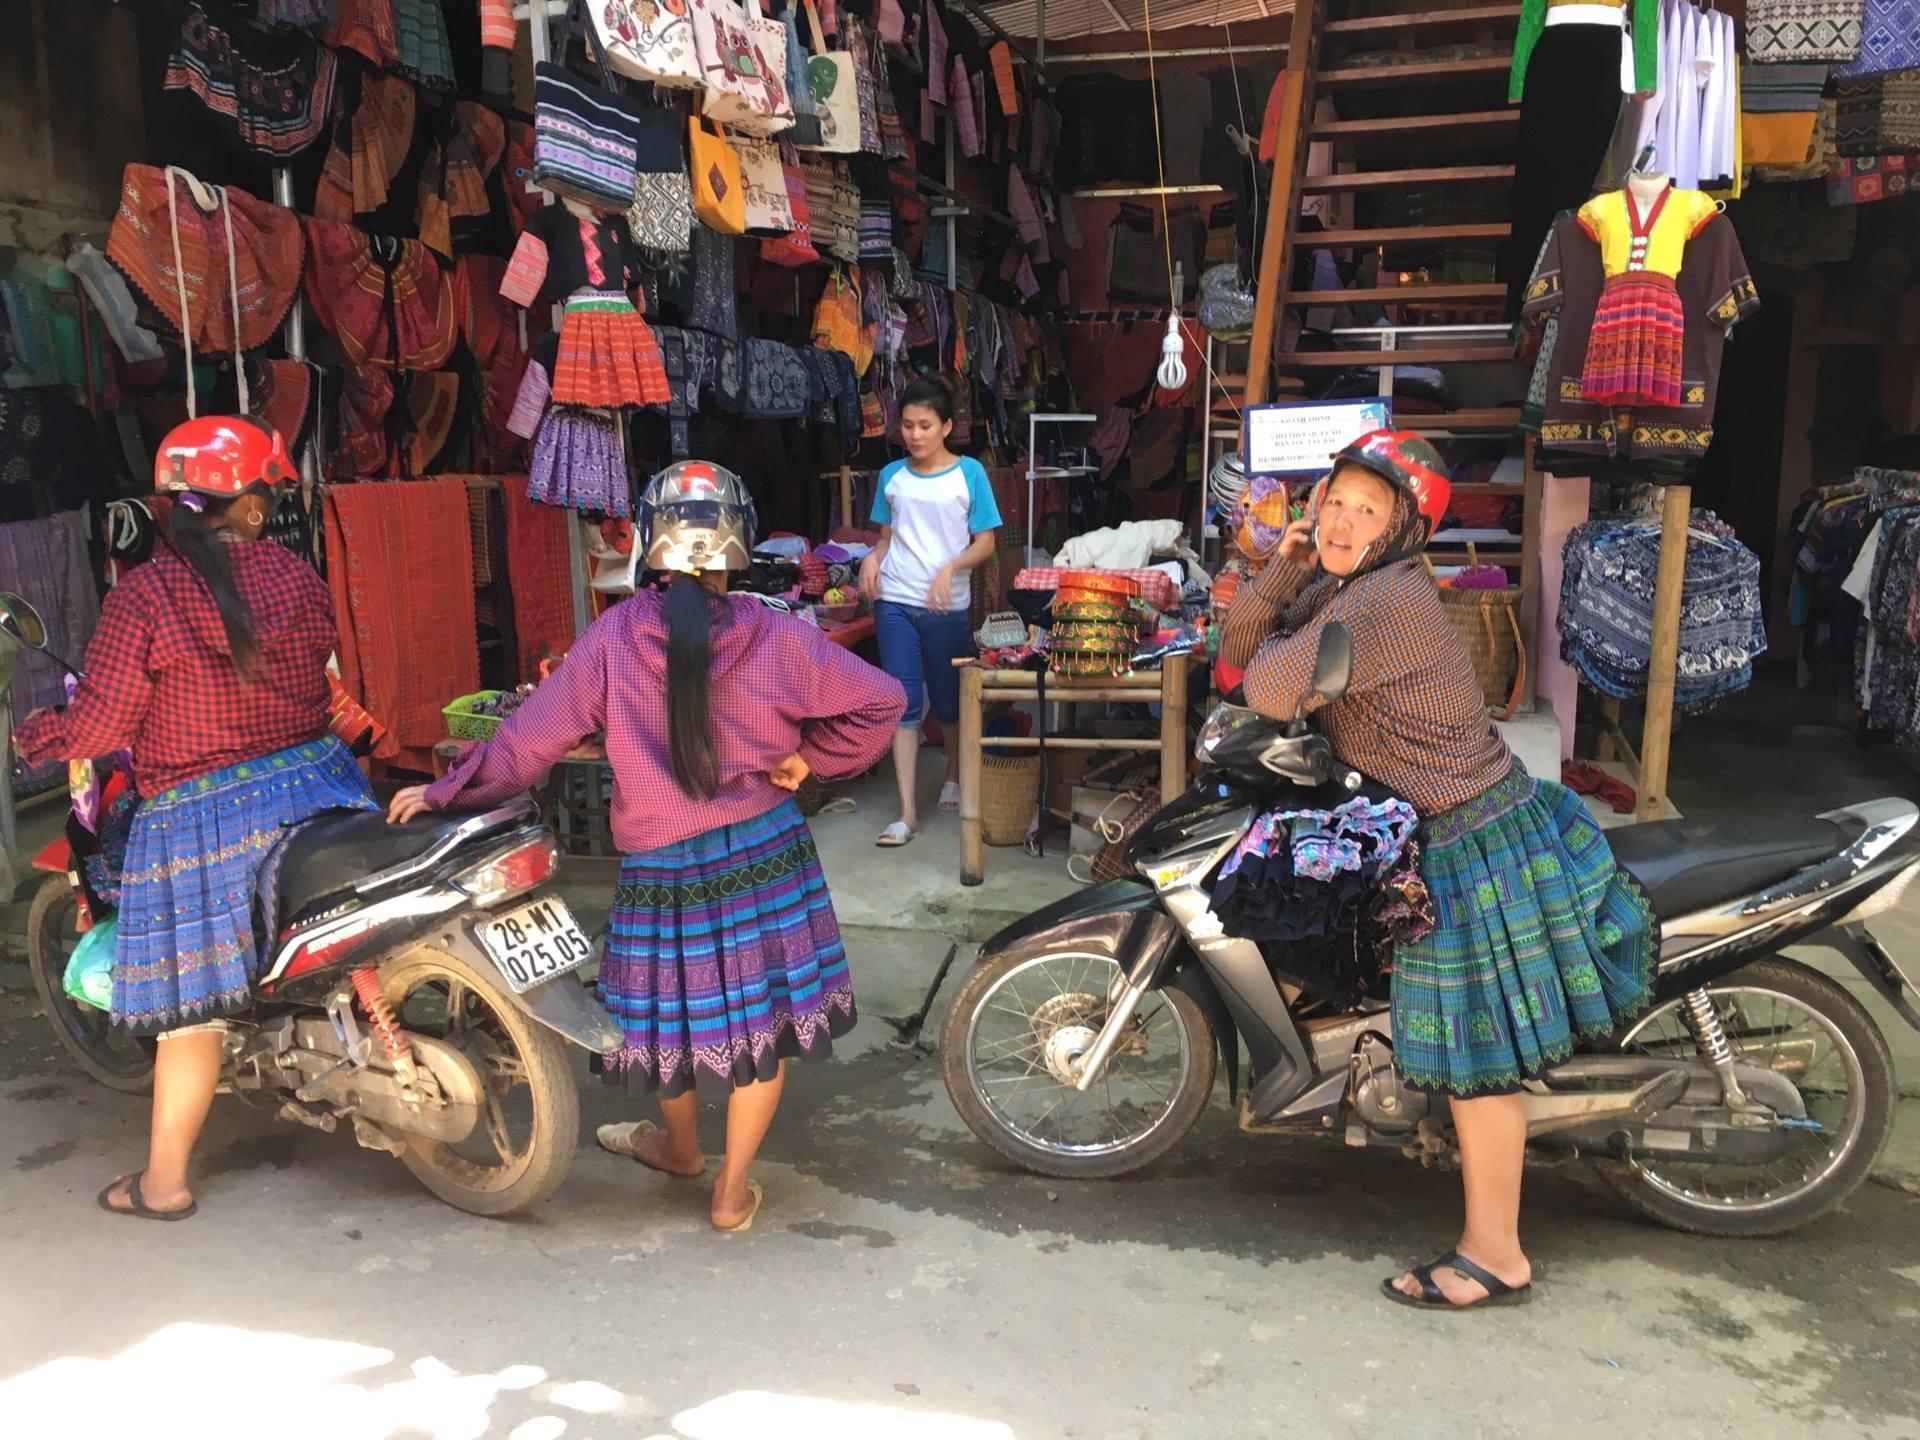 ベトナムでの風景